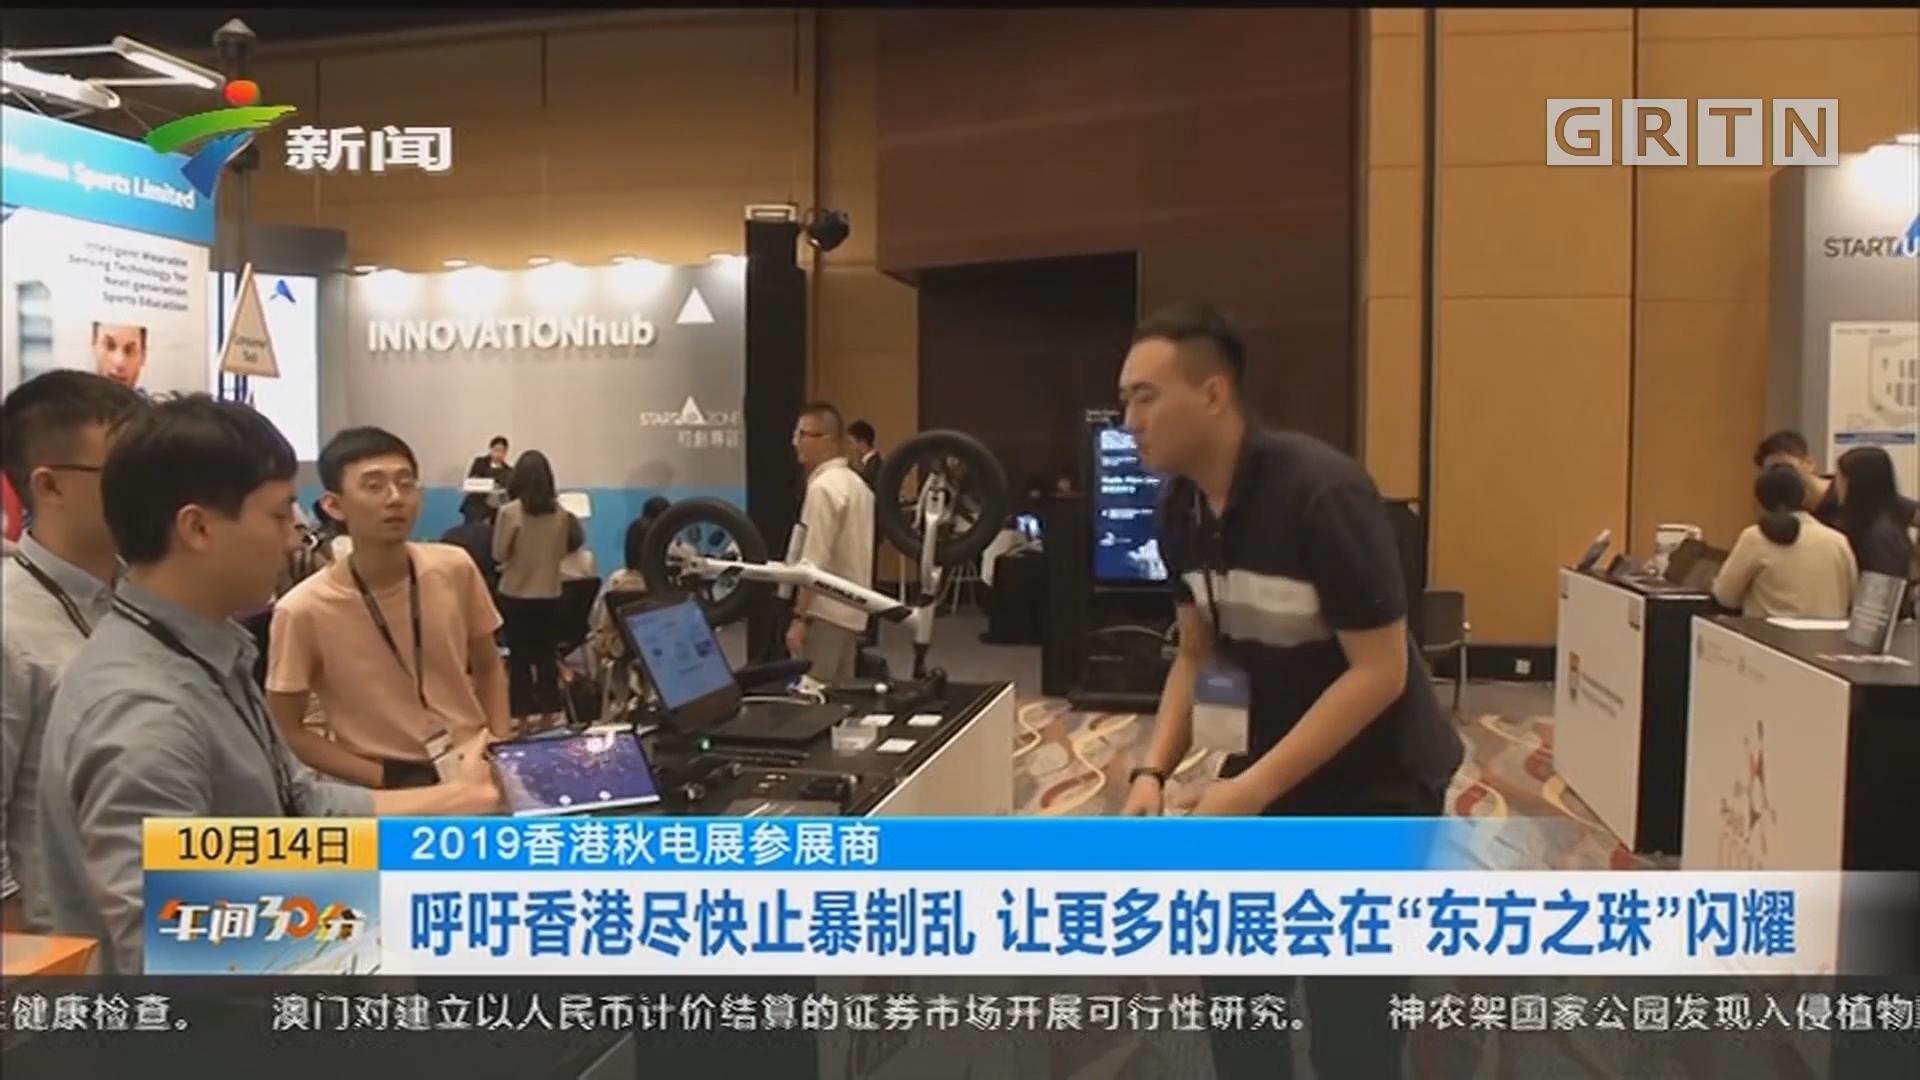 """2019香港秋电展参展商:呼吁香港尽快止暴制乱 让更多的展会在""""东方之珠""""闪耀"""